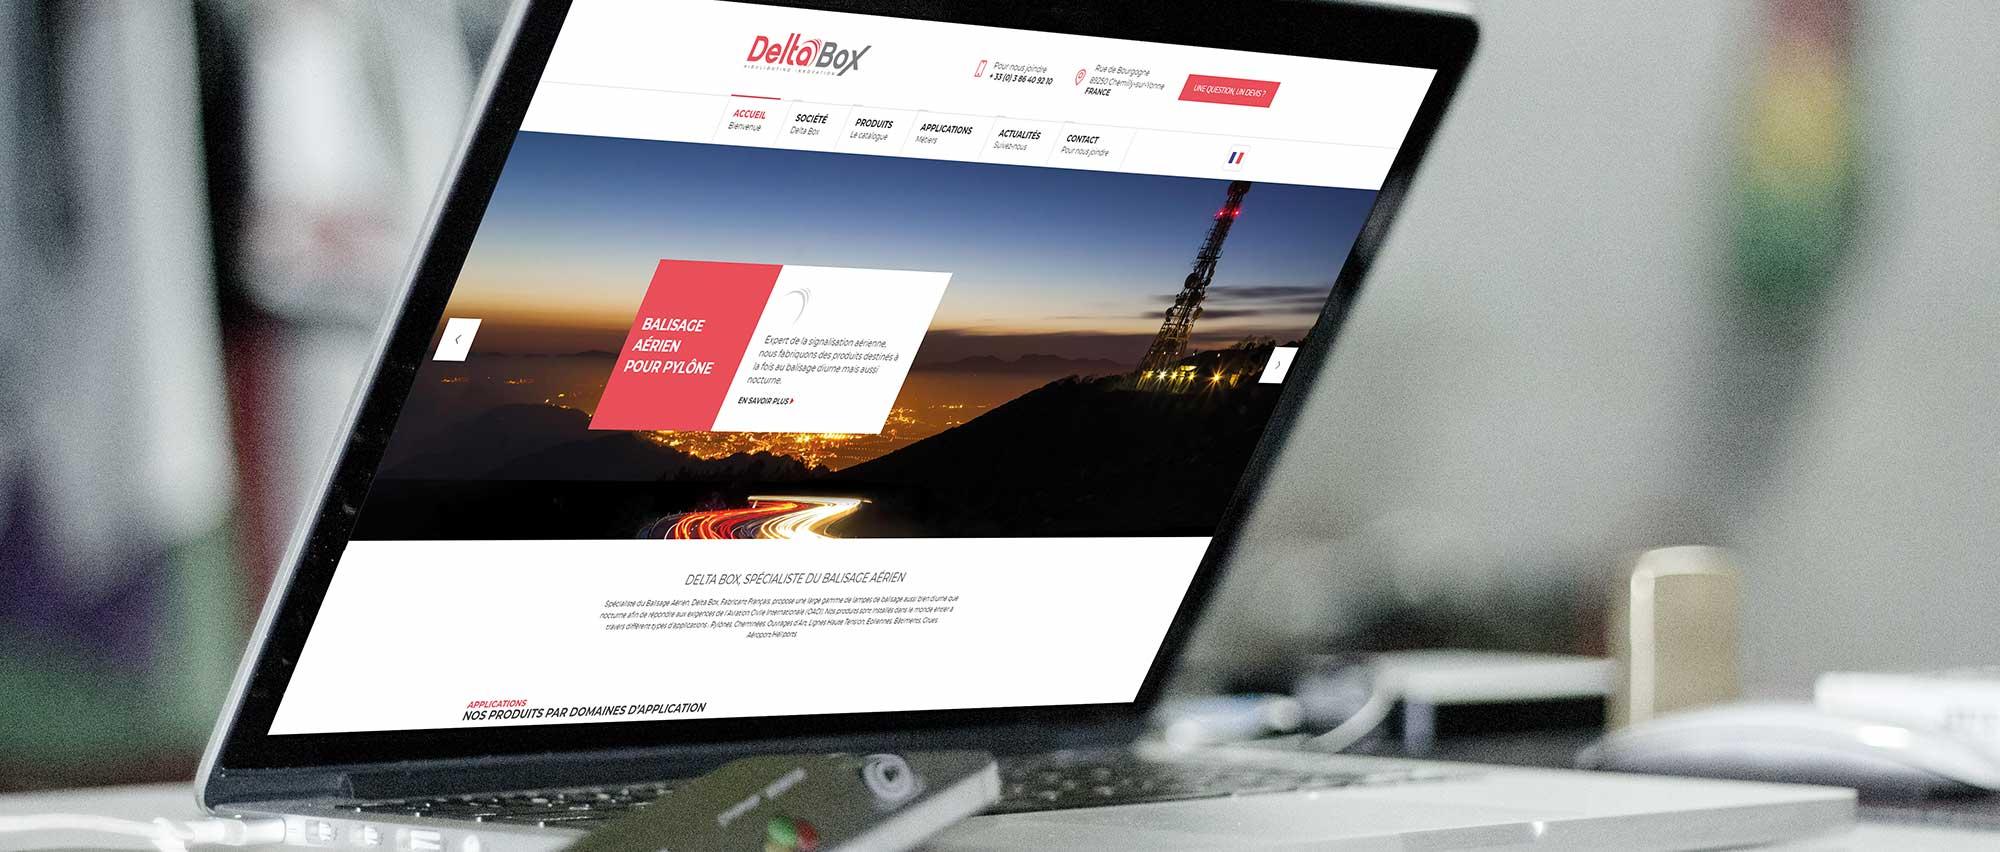 ikadia_deltabox_fond4.jpg